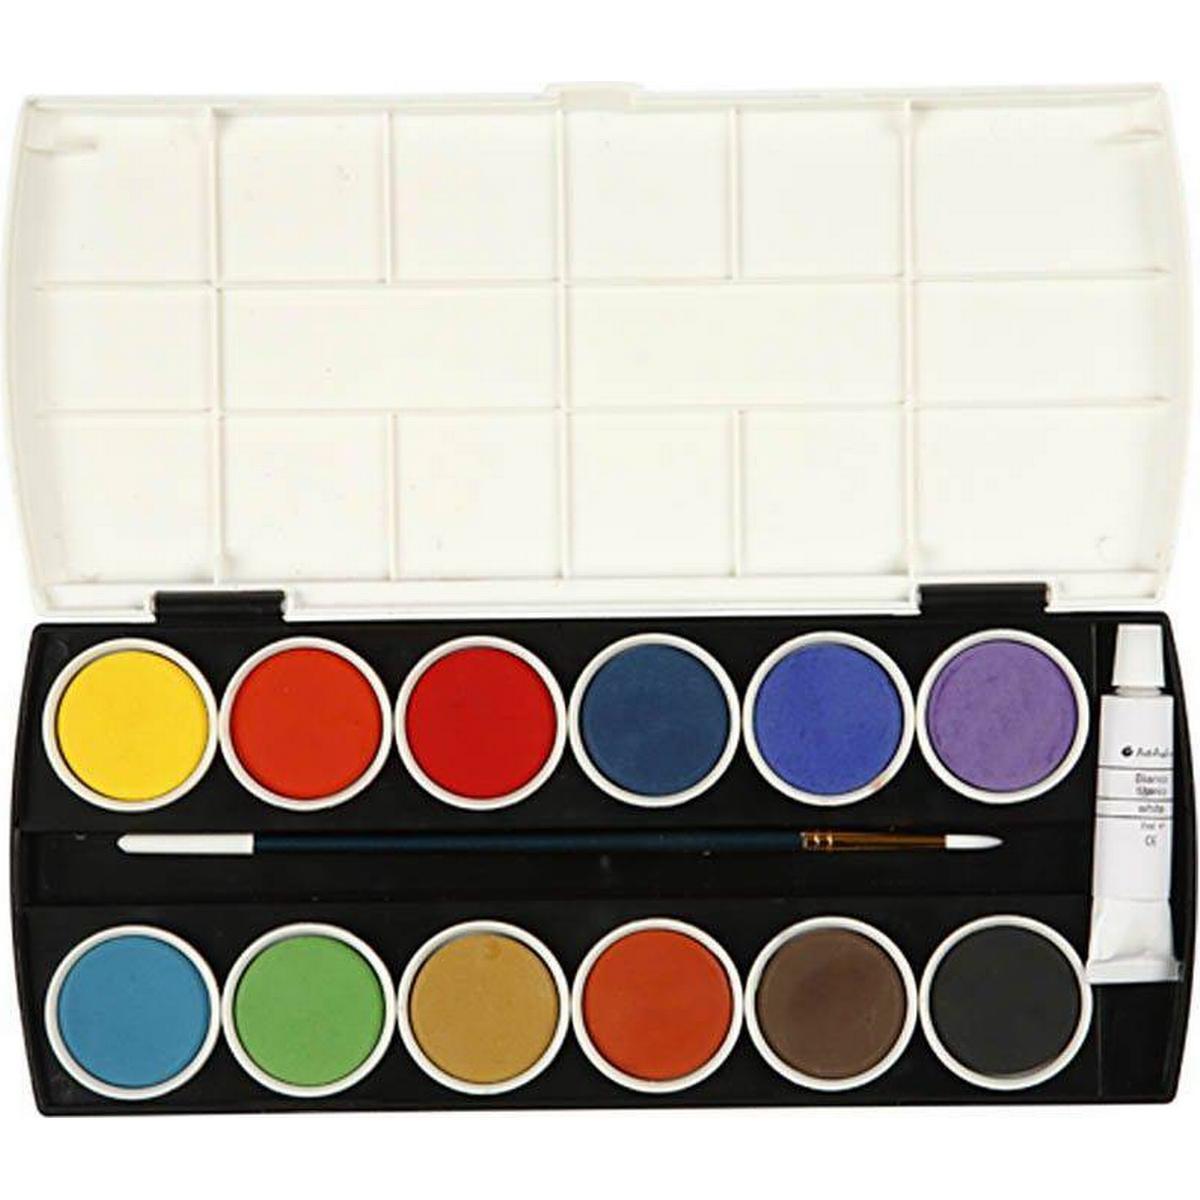 Watercolour Paint Set (34240)